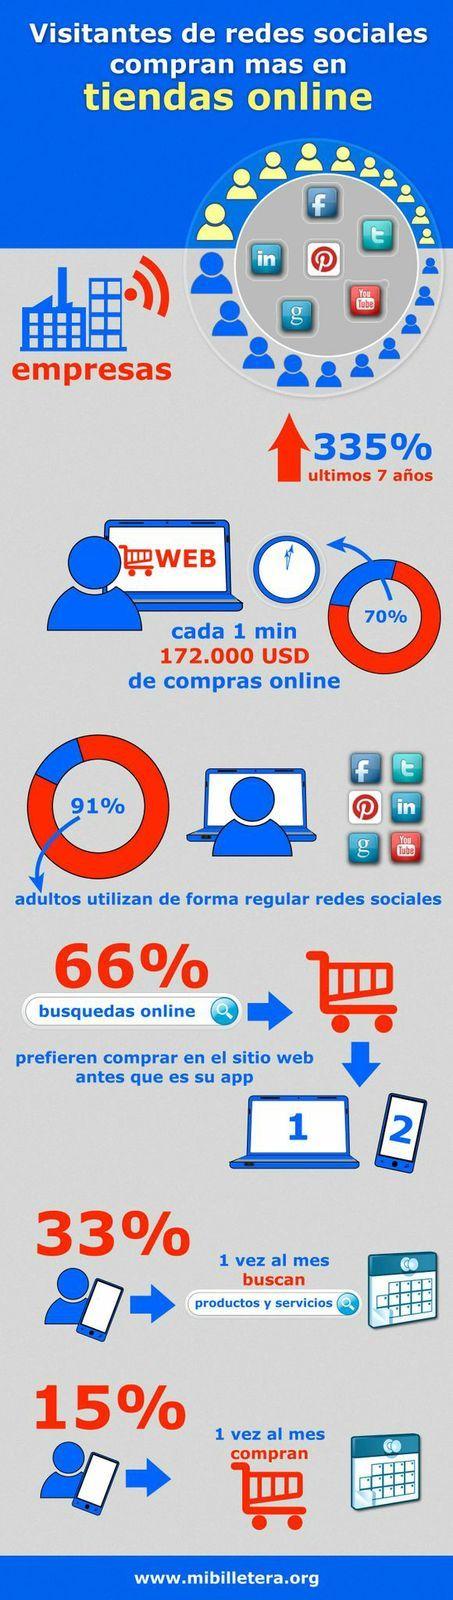 Visitantes de redes sociales compran mas en tiendas online. visita www.mibilletera.org